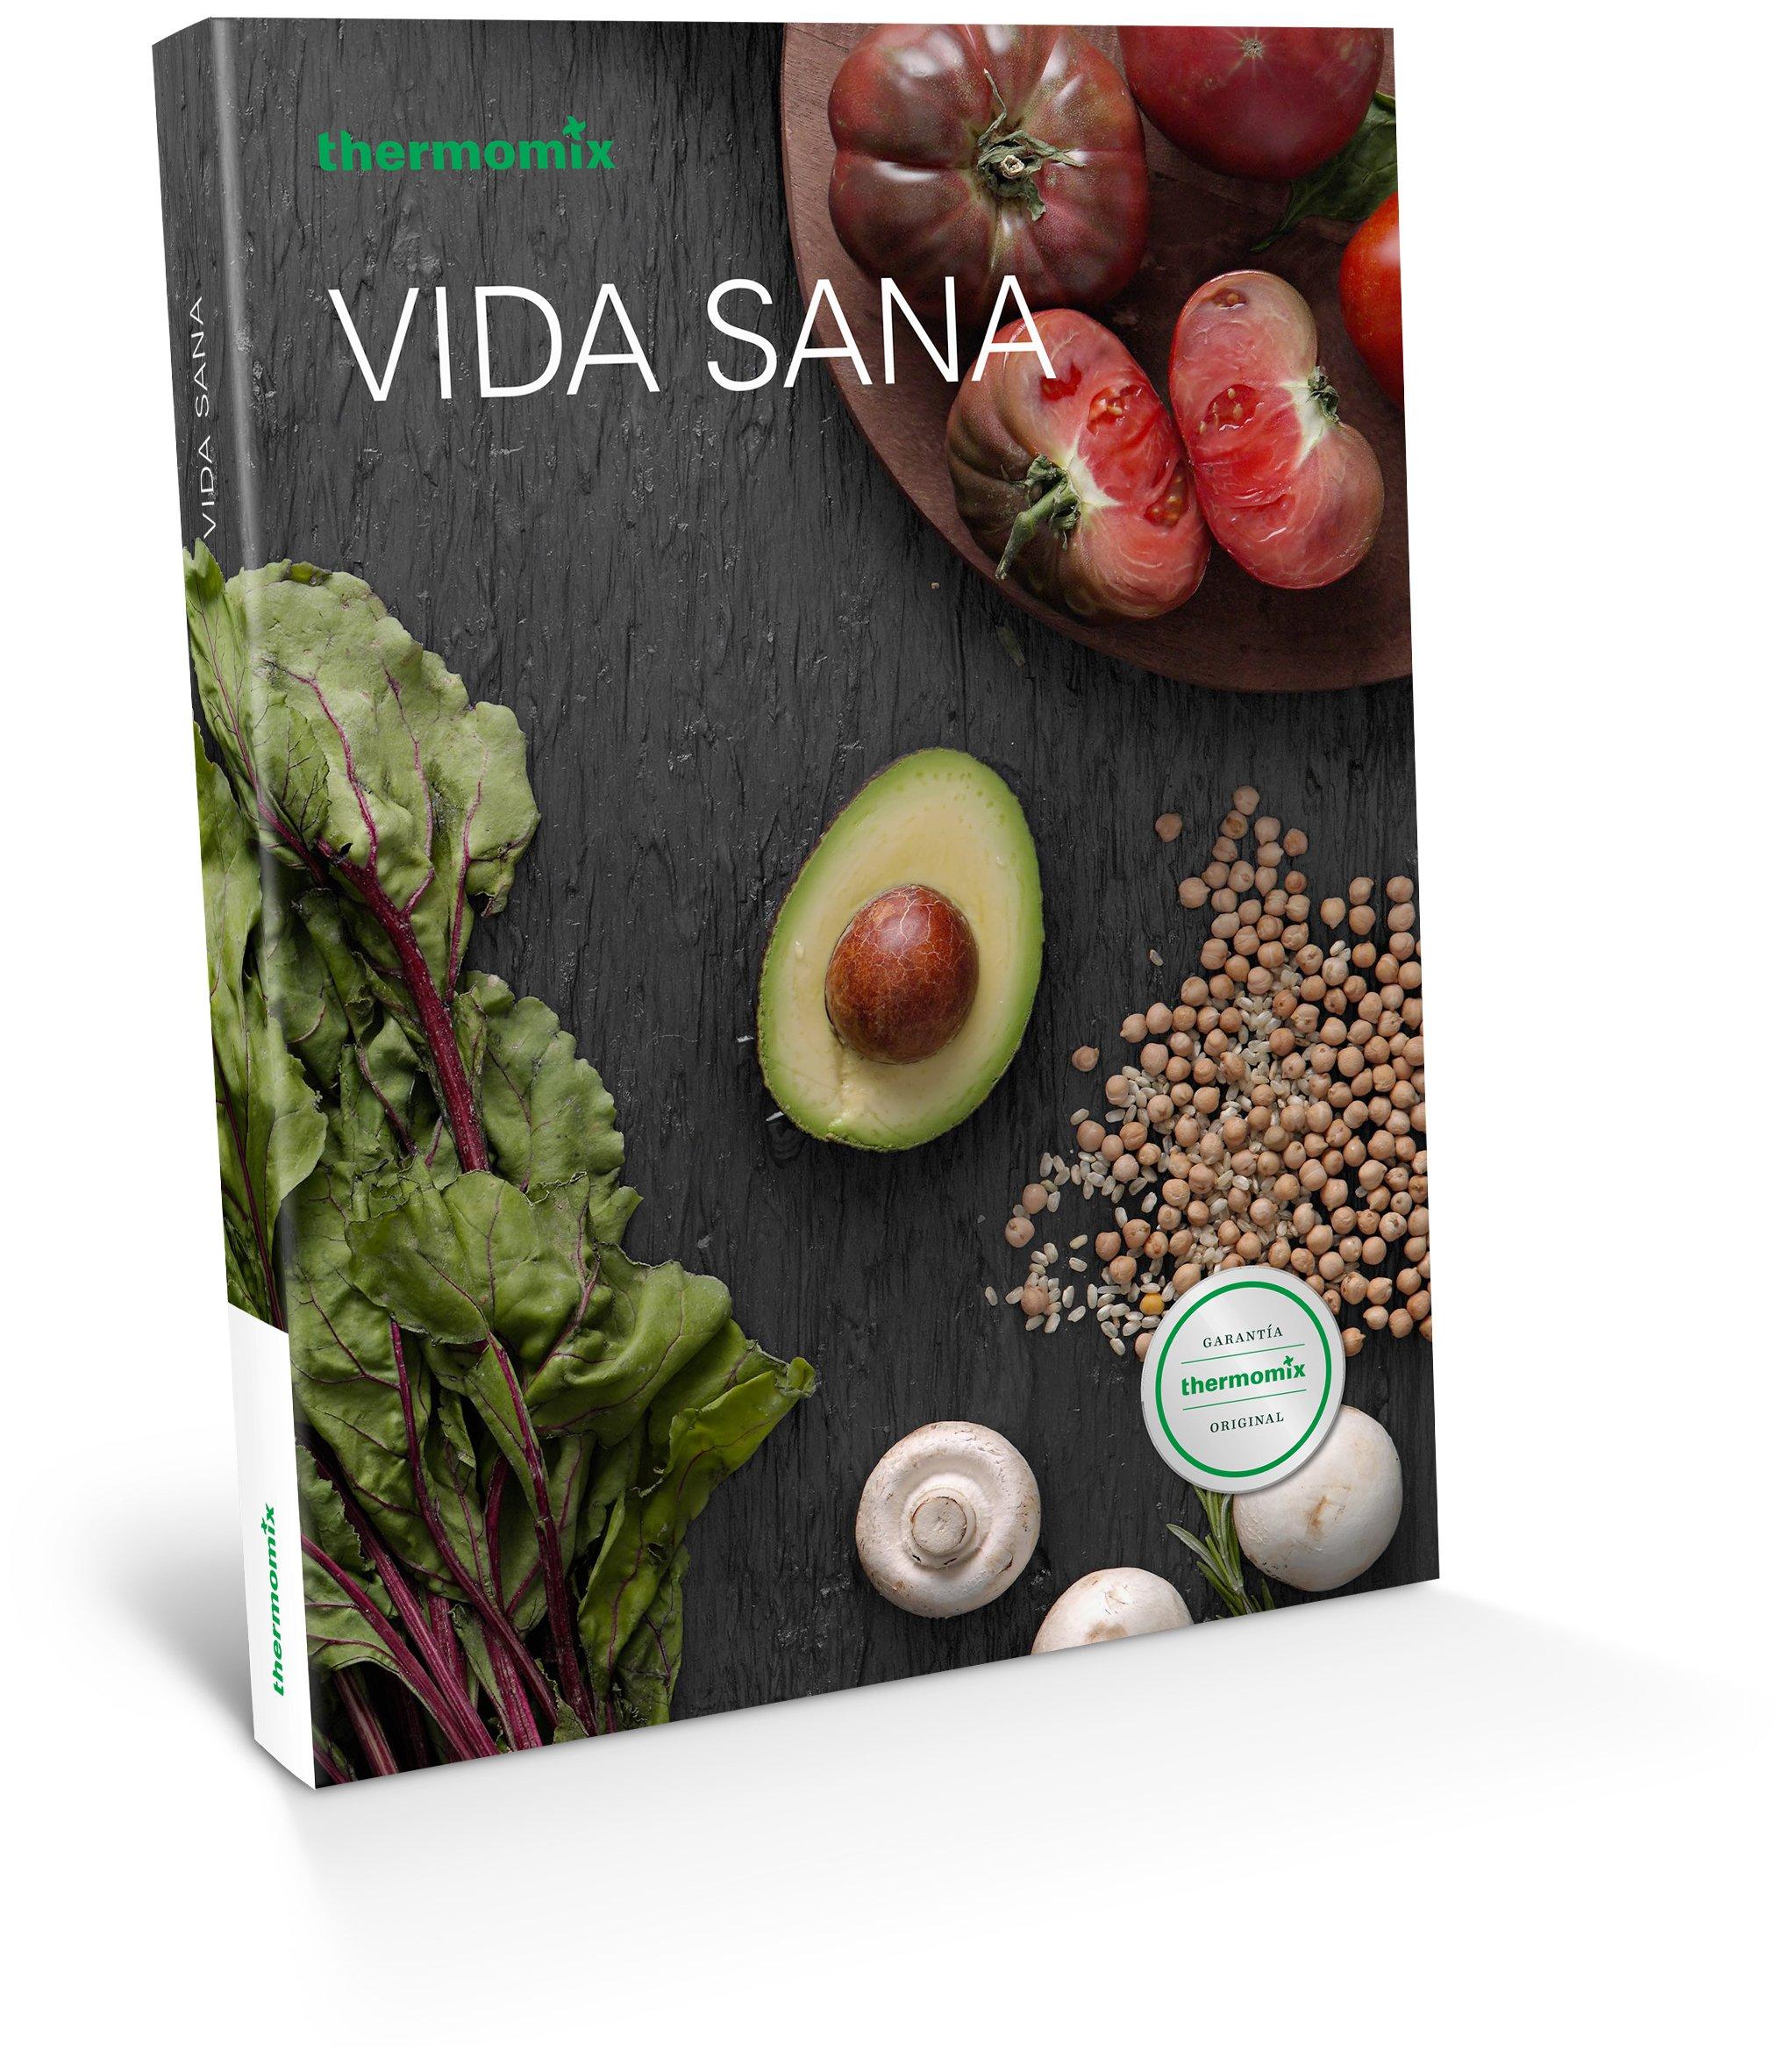 Vida Sana: Amazon.es: Vorwerk Thermomix: Libros